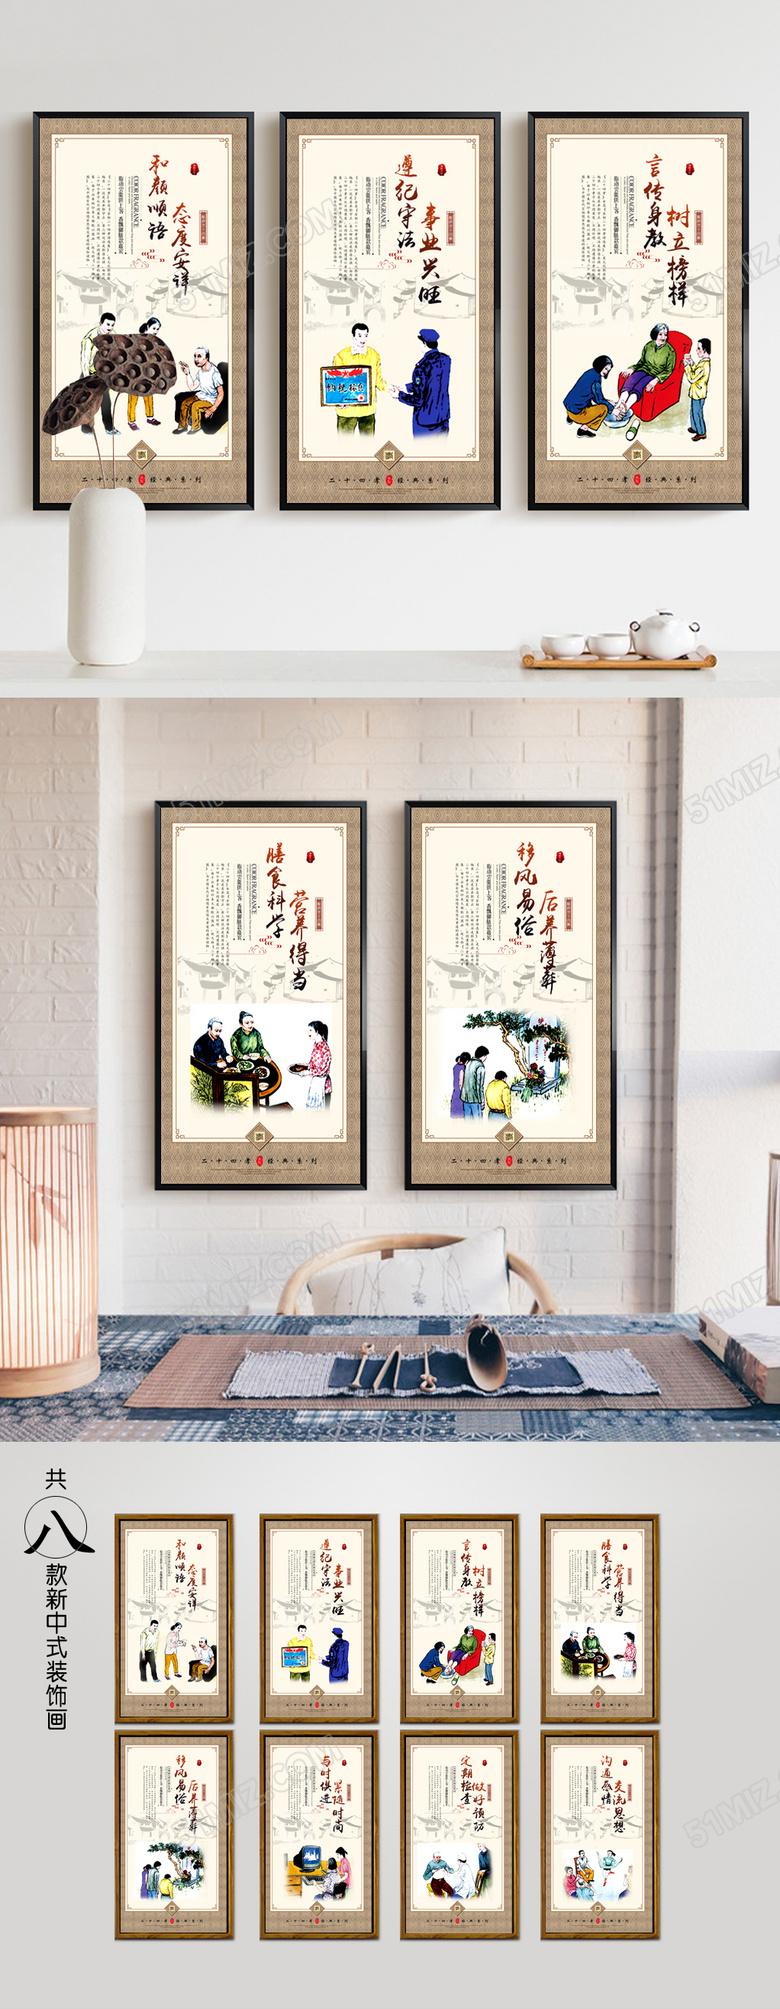 二十四孝文化宣传展板设计